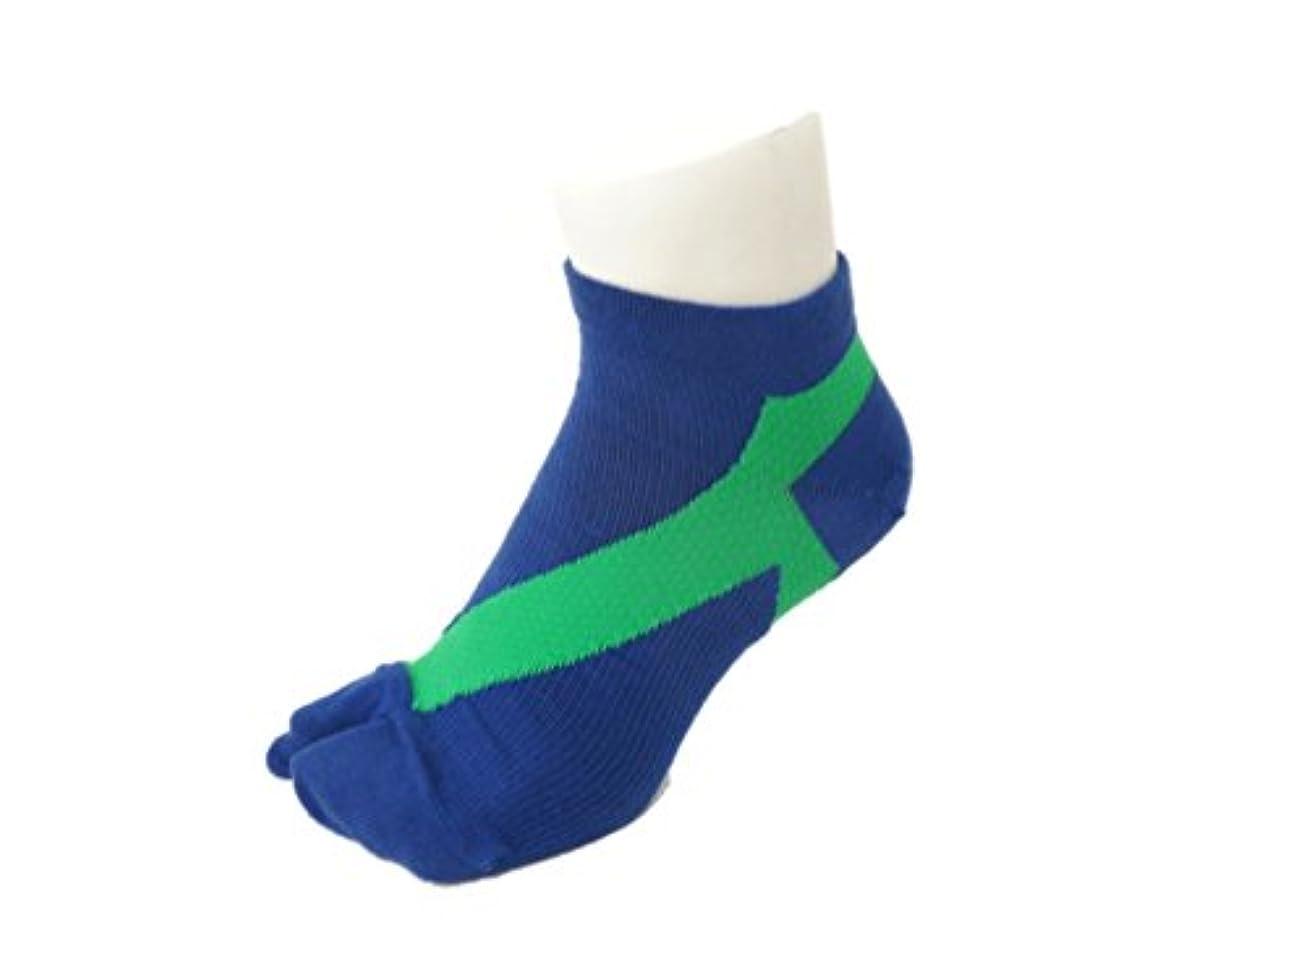 他の場所農奴ゲートさとう式 フレクサーソックス アンクル 紺緑 (S) 足袋型